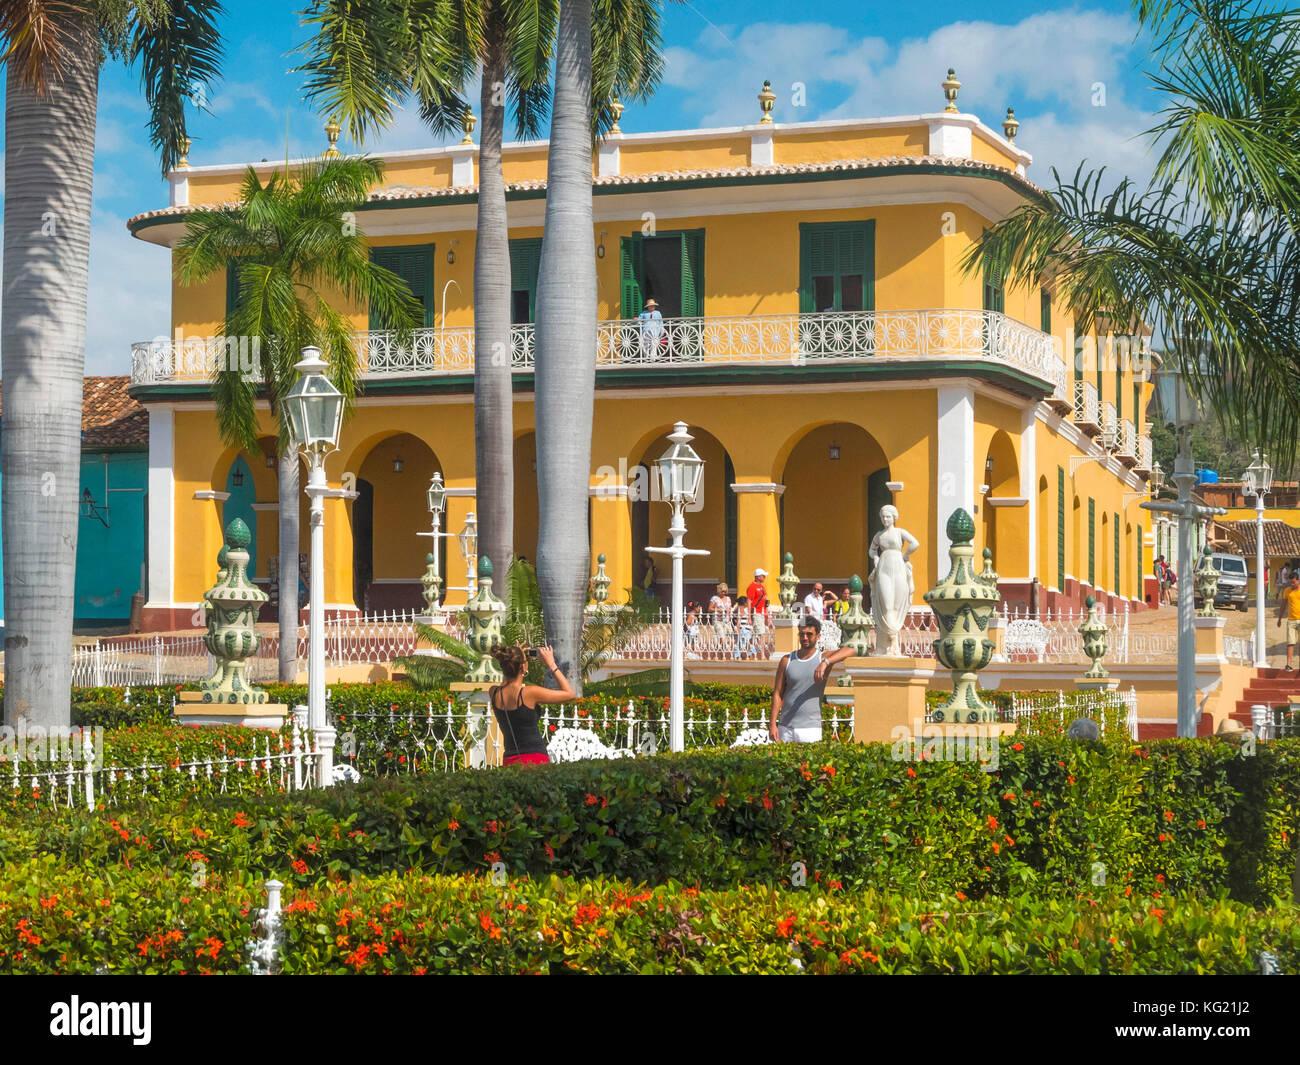 Museo Romantico.Trinidad Cuba Plaza Mayor Und Museo Romantico Stock Photo